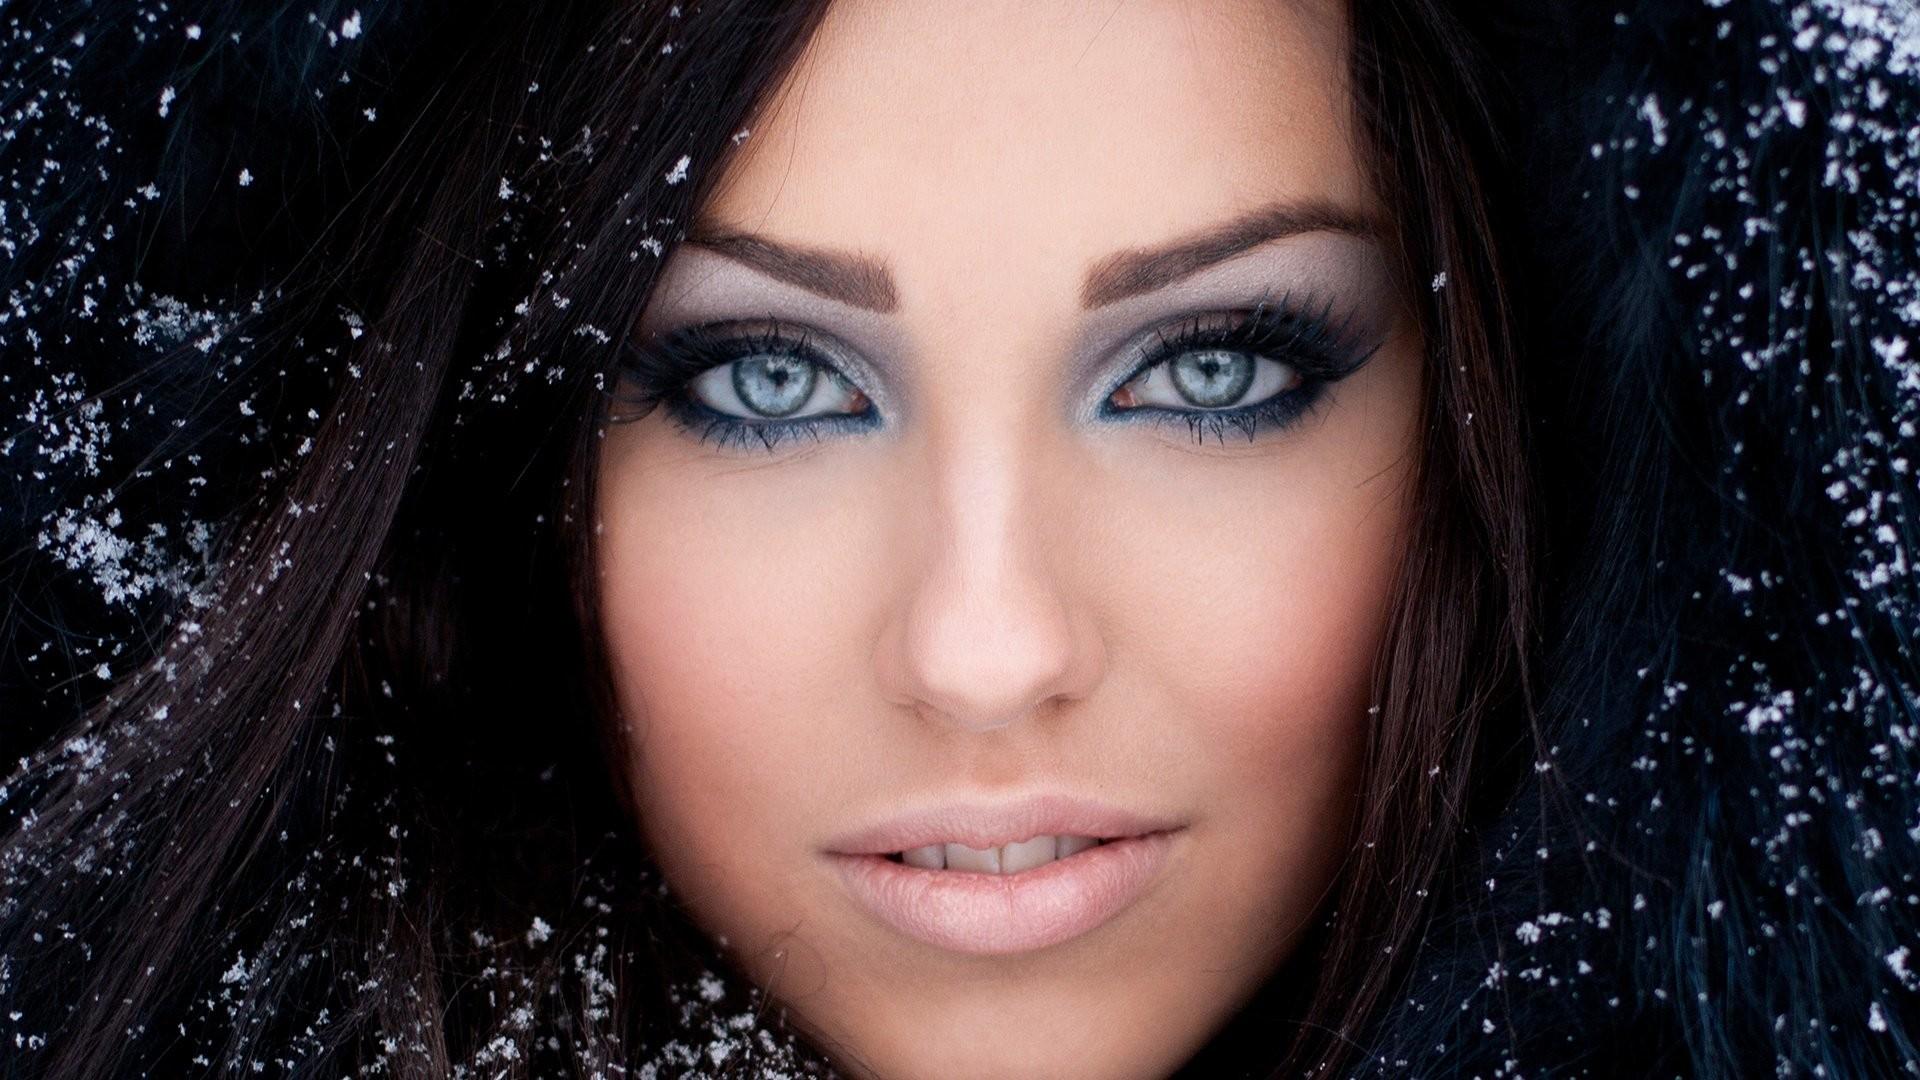 Pretty Girl Face